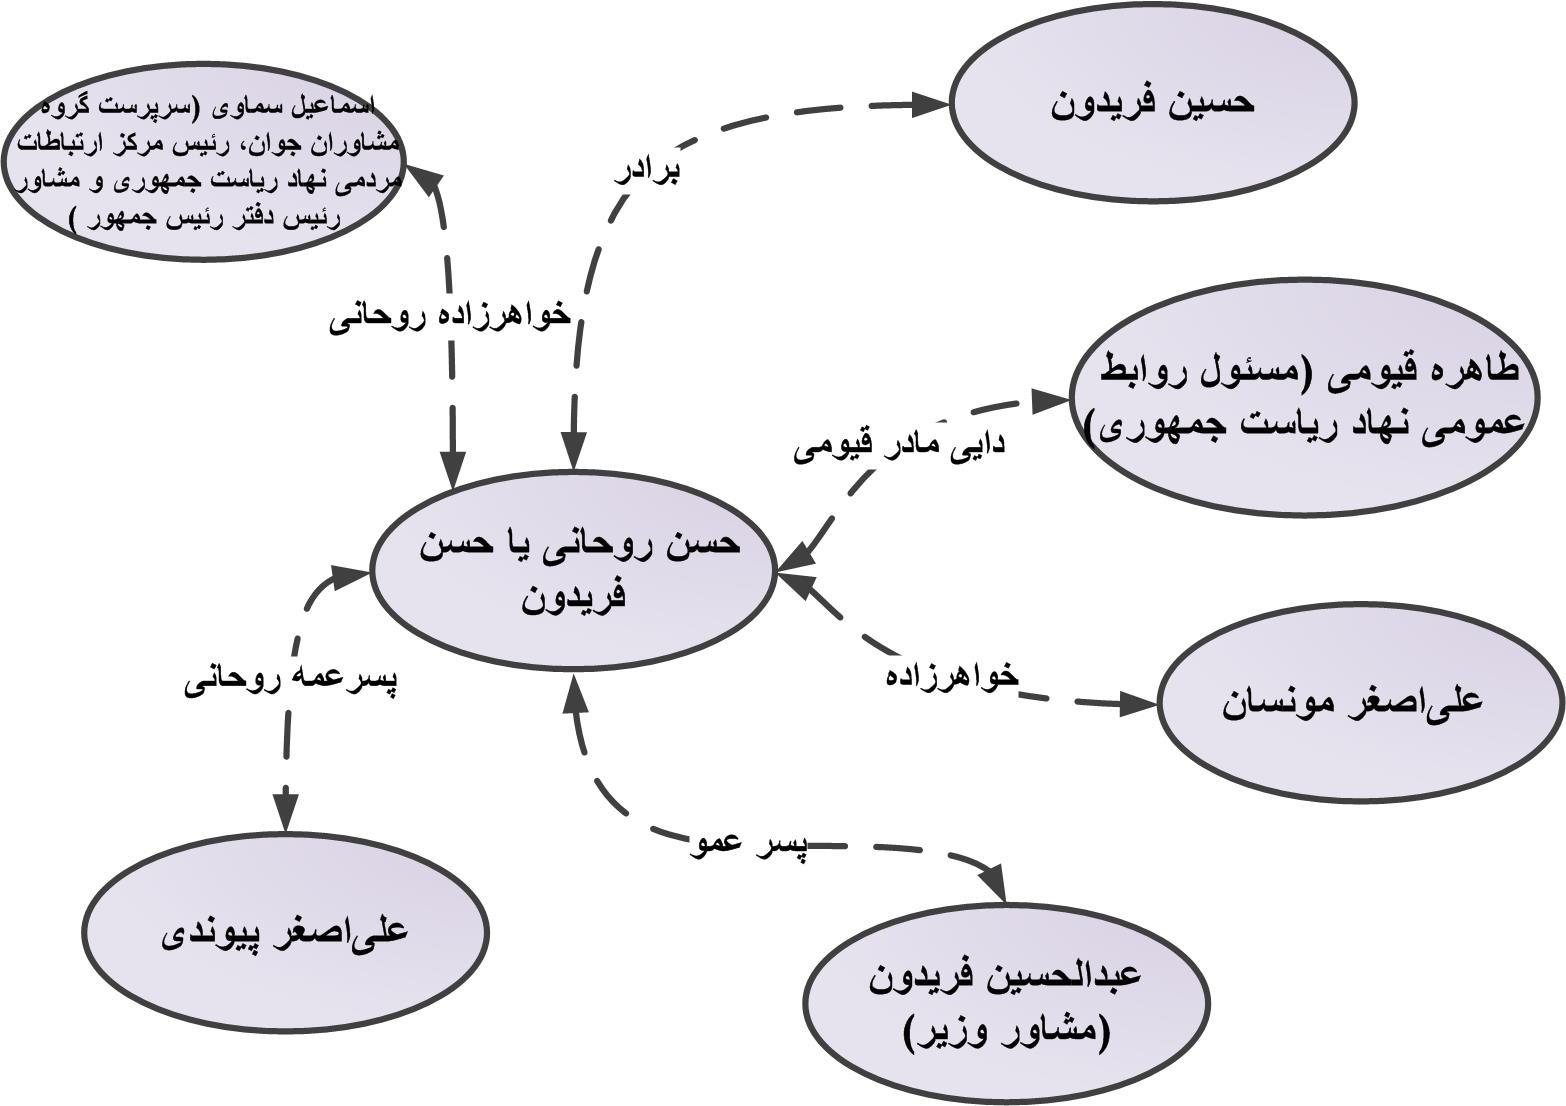 خانواده روحانی در پستهای دولتی